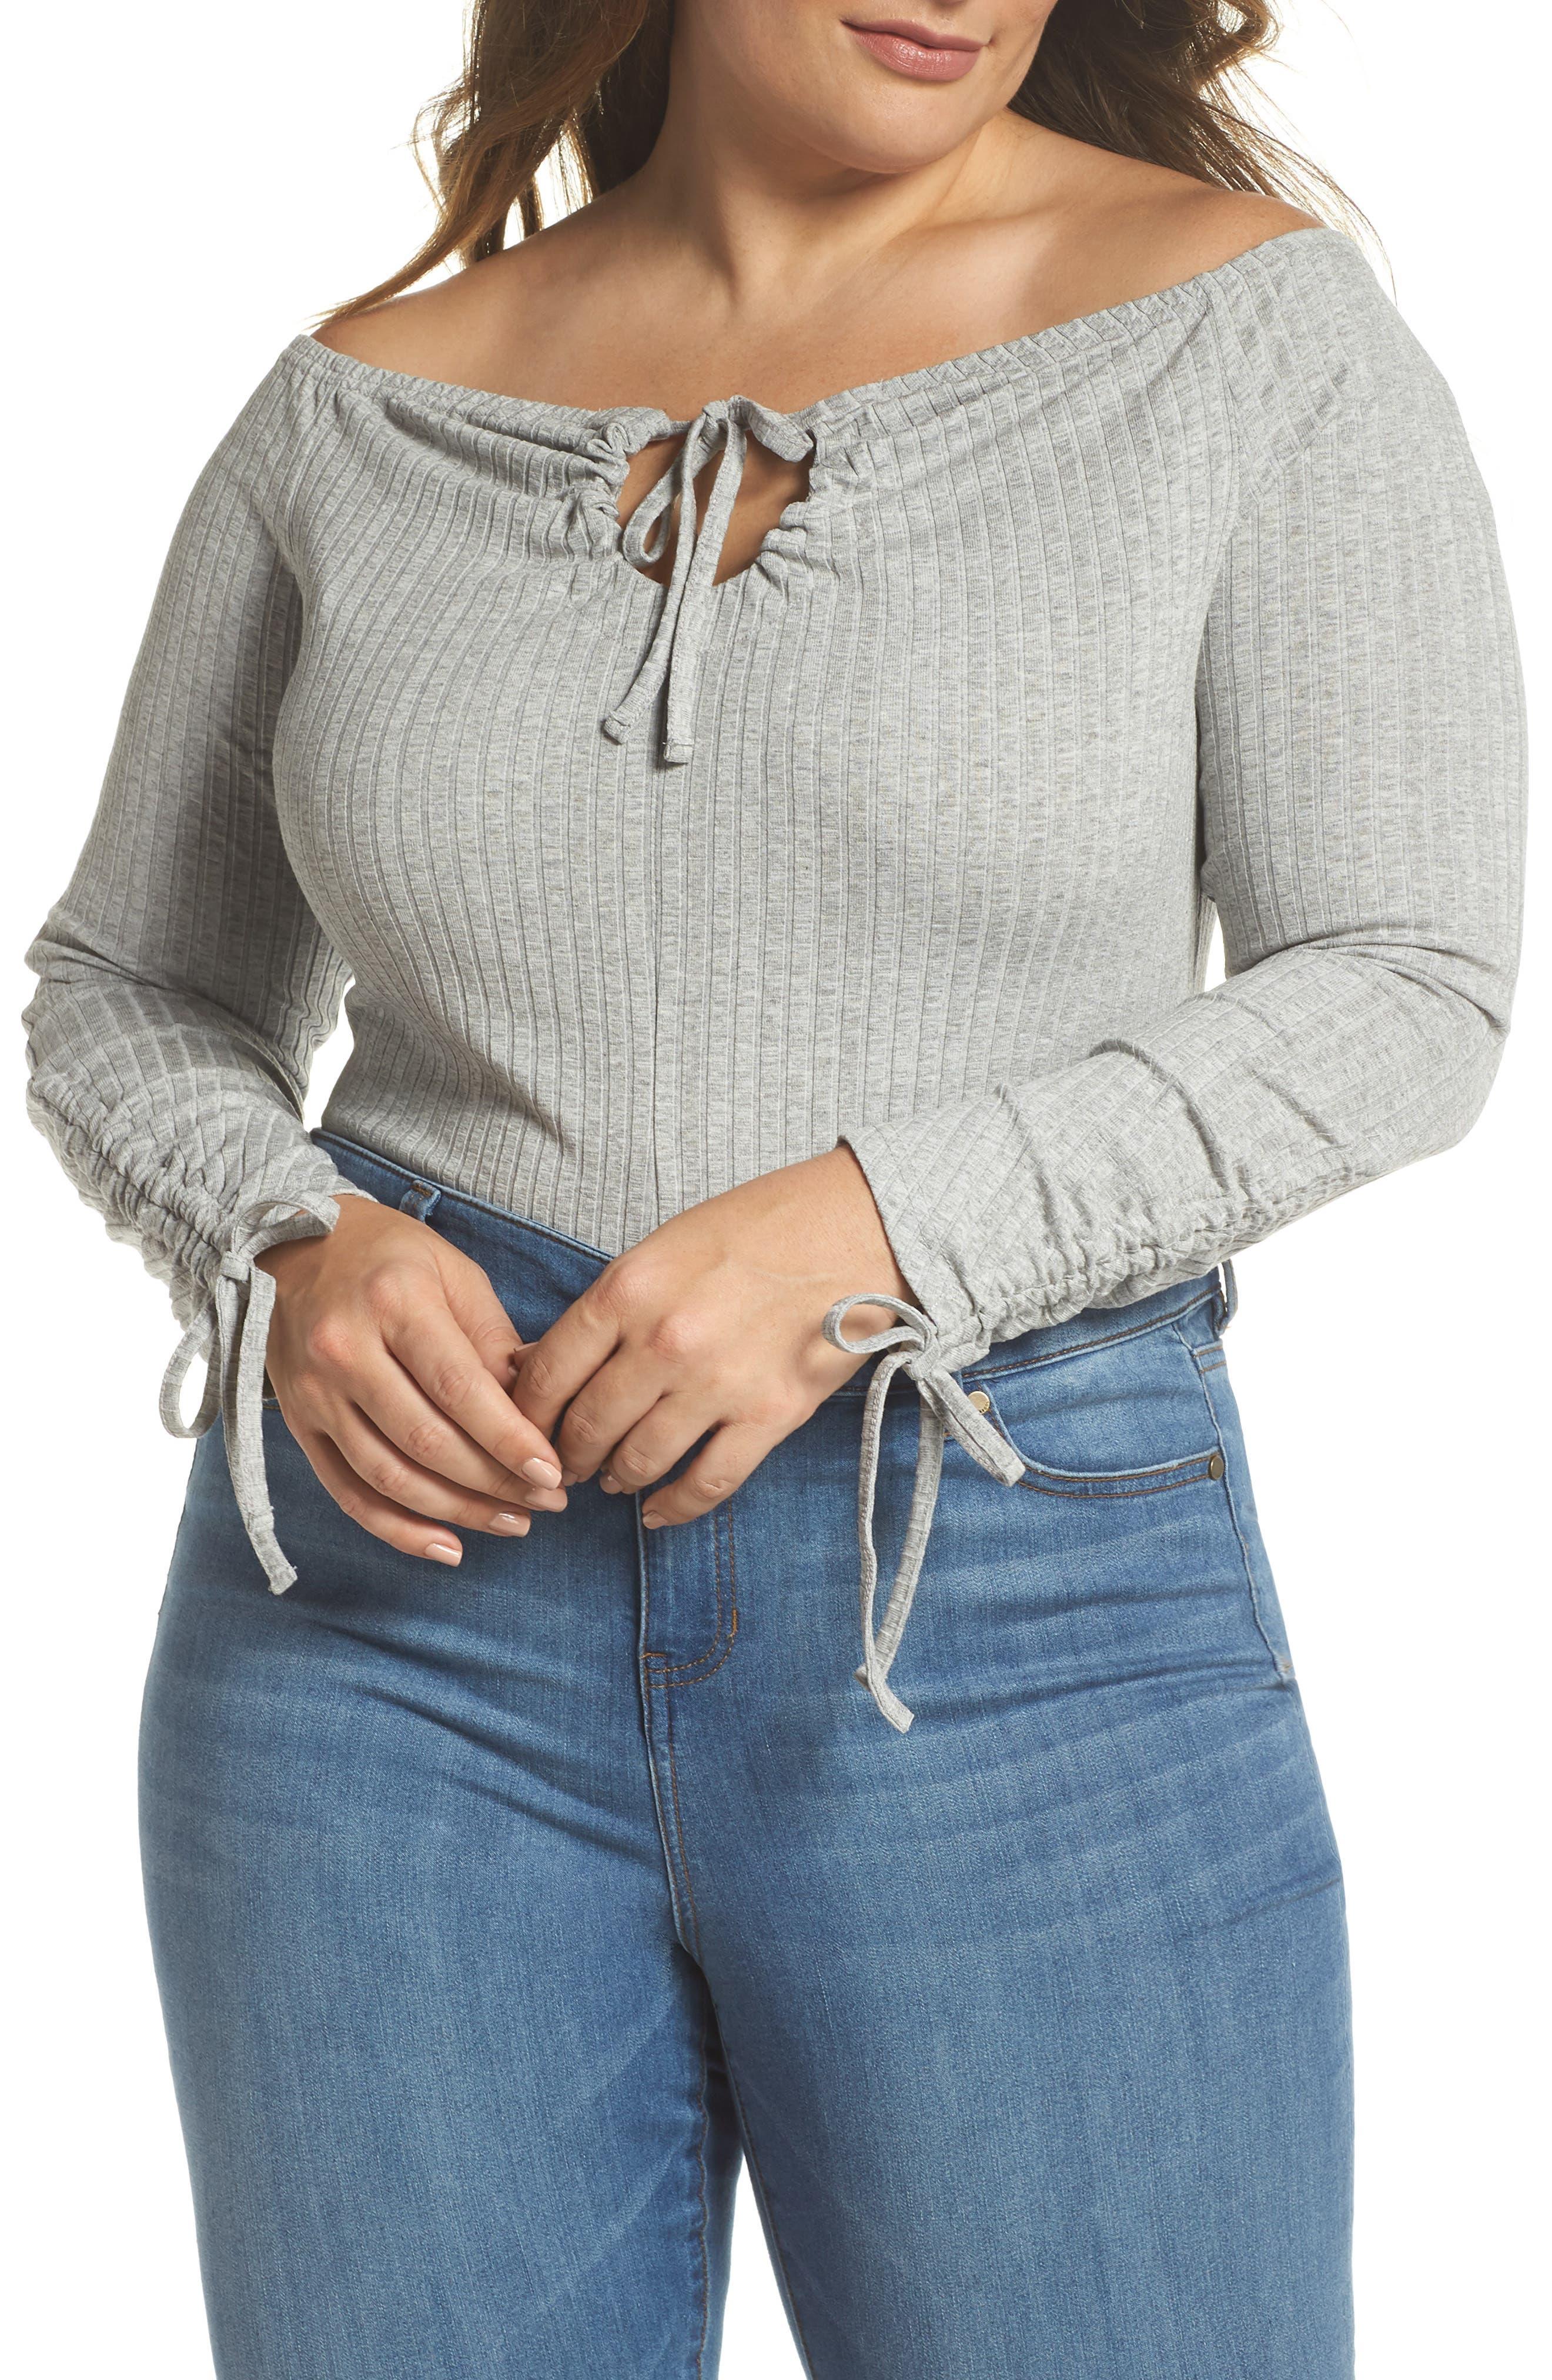 Bardot Ribbed Bodysuit,                             Main thumbnail 1, color,                             Grey